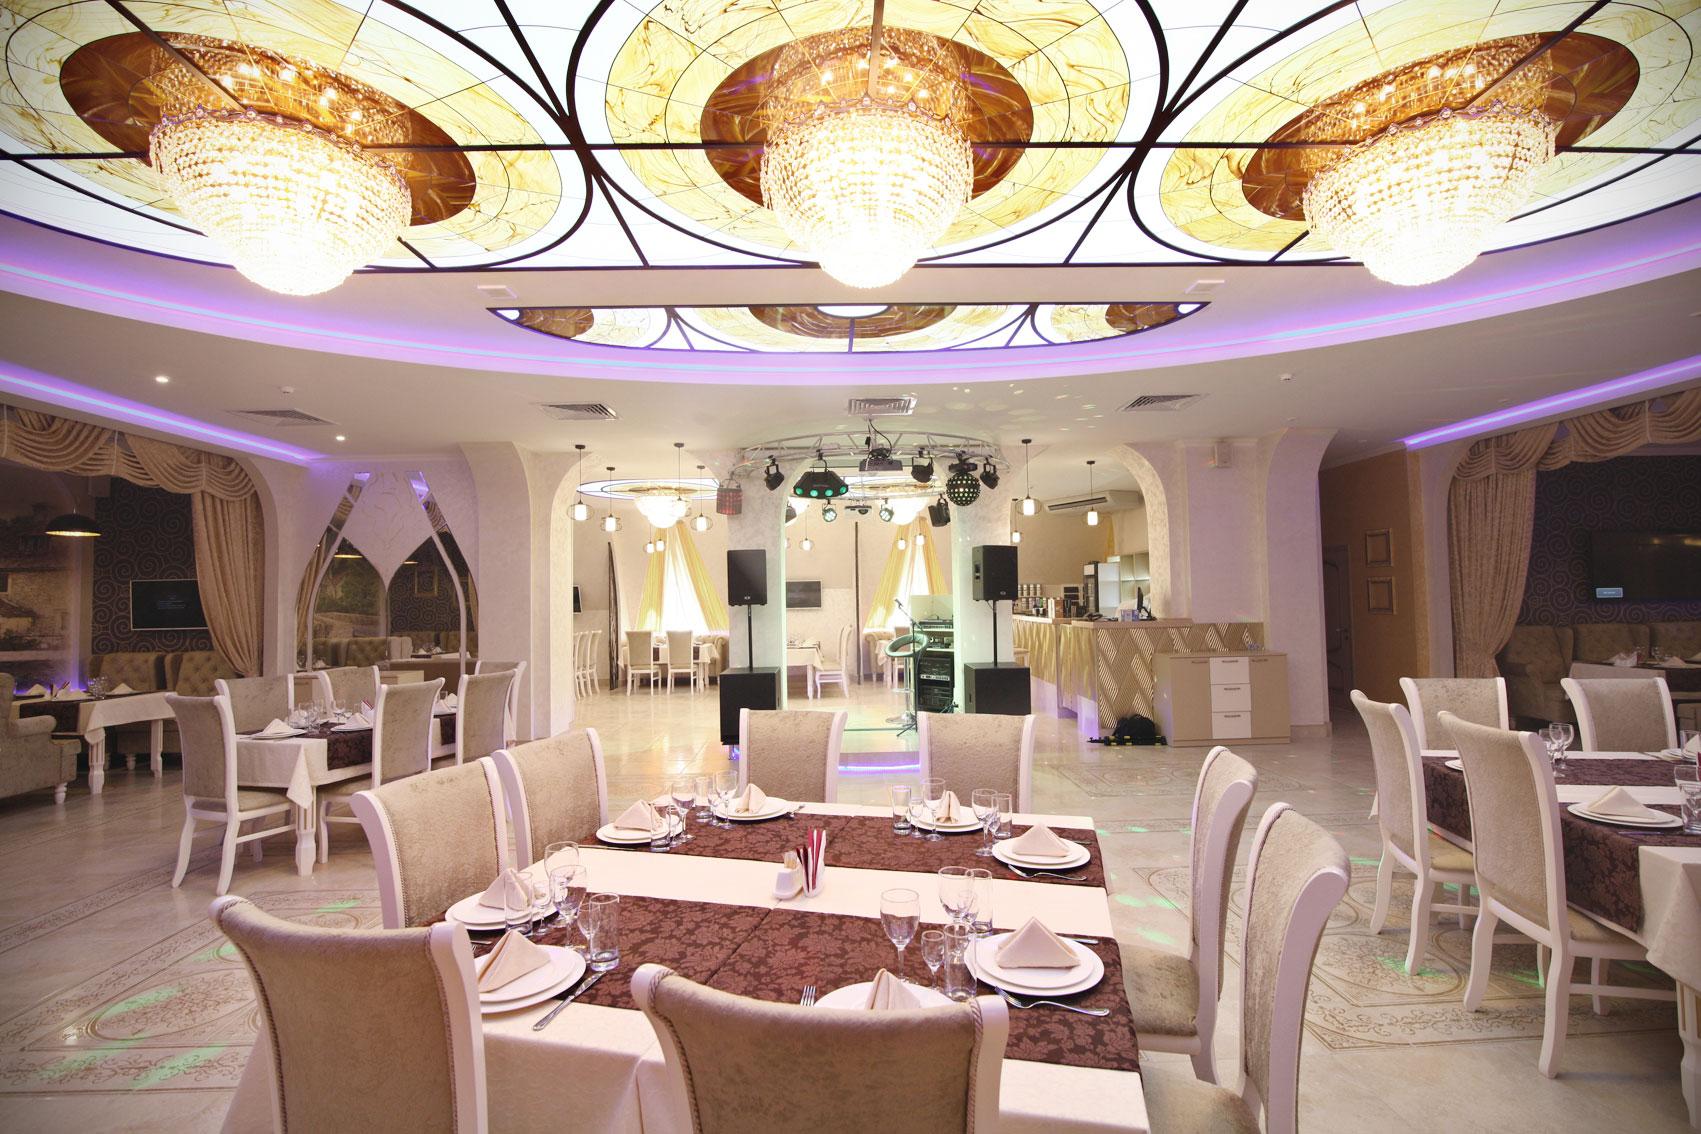 яшириниб туркияга рестораны в сальске фото признаков, указывающих криминальный